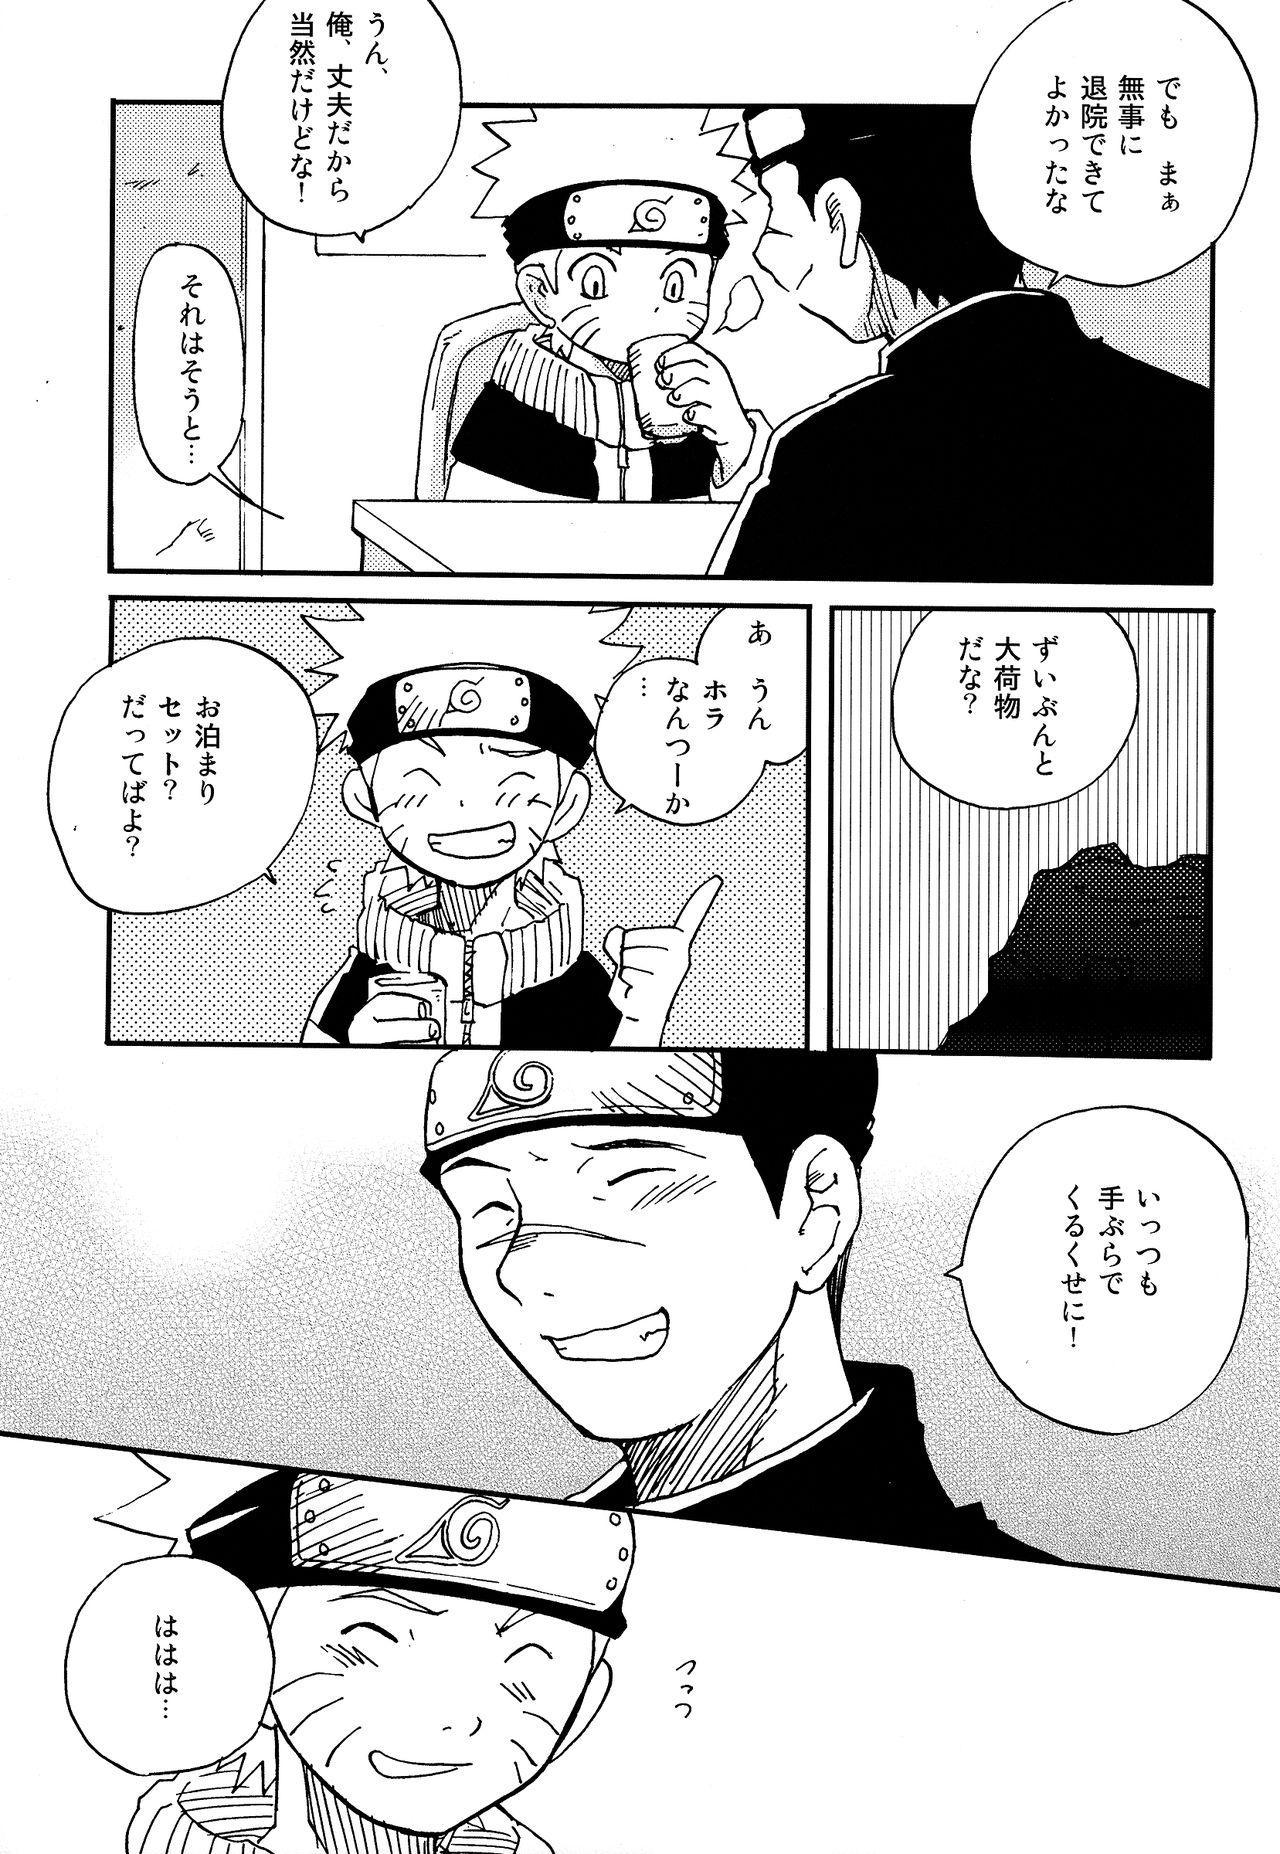 IruNaru no Wadachi 51